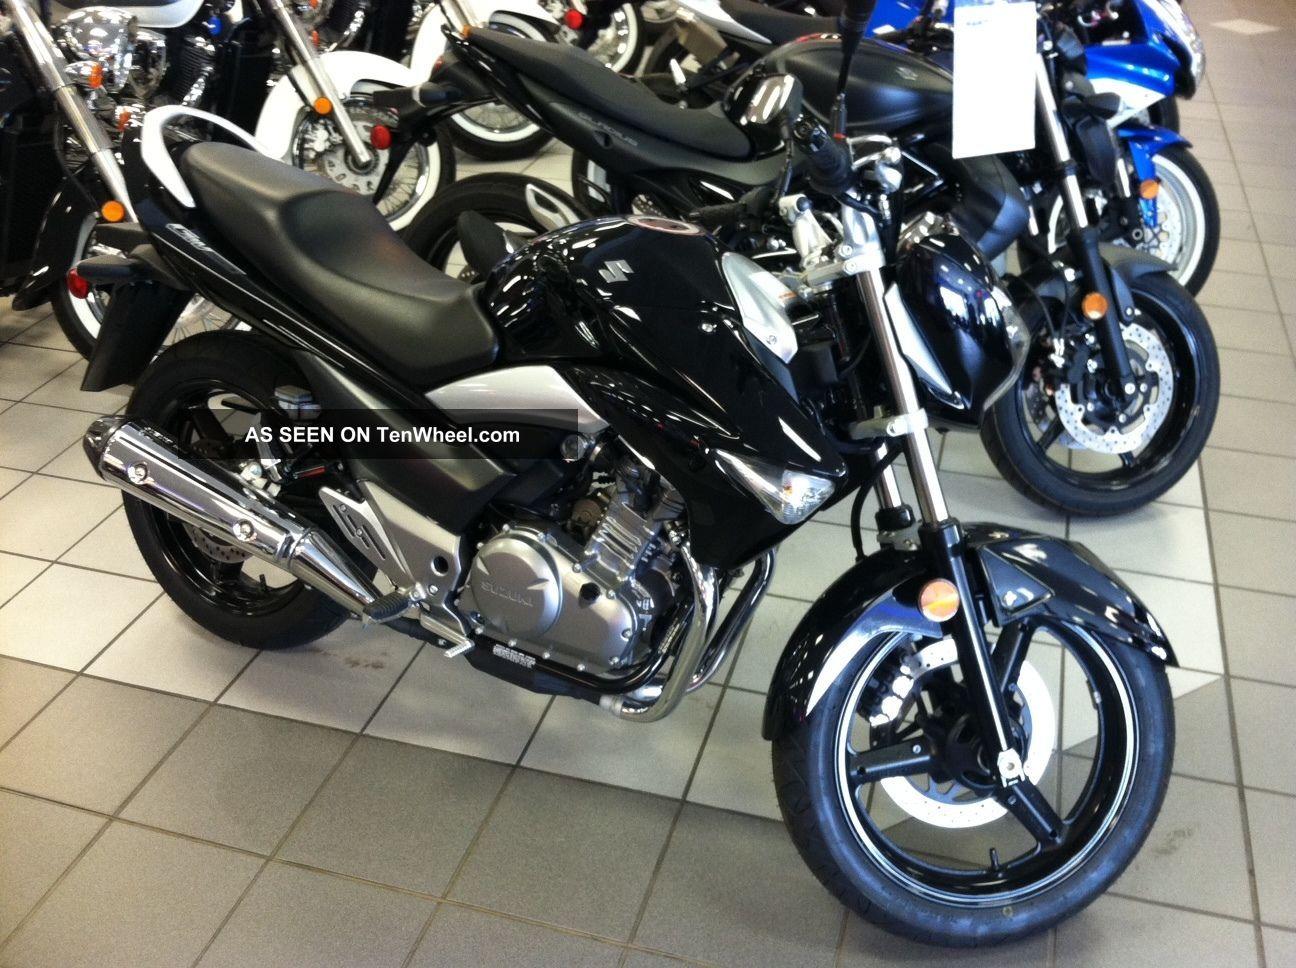 2013 Suzuki Gw 250 Gw250 Other photo